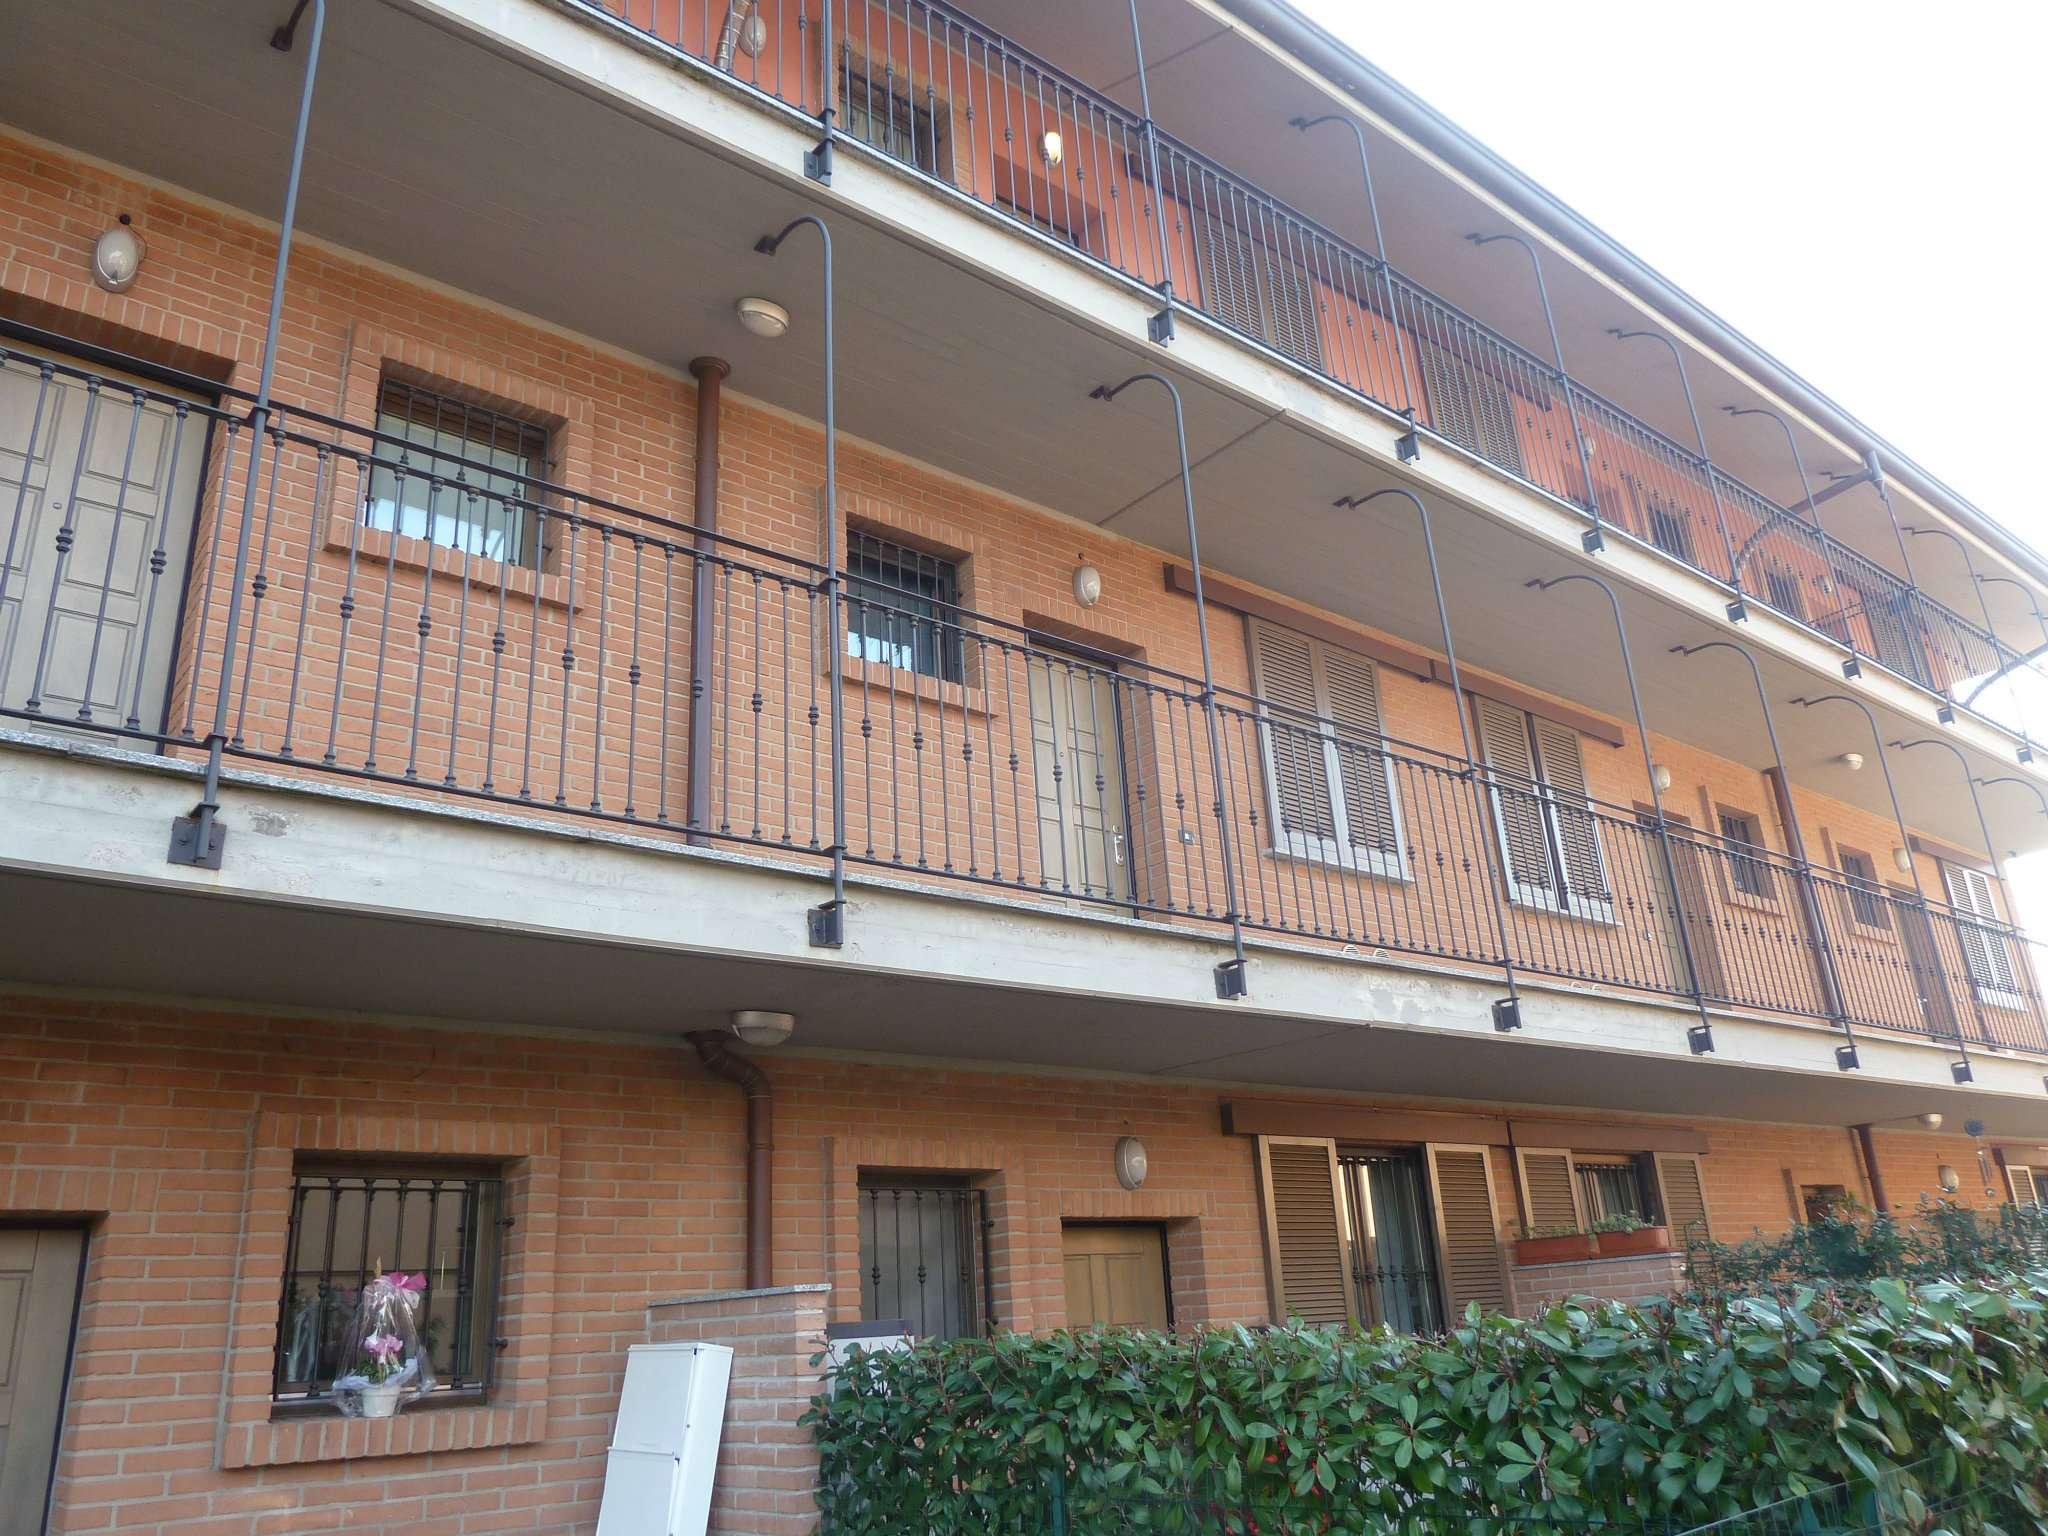 Appartamento in vendita a Saronno, 1 locali, prezzo € 66.000 | CambioCasa.it